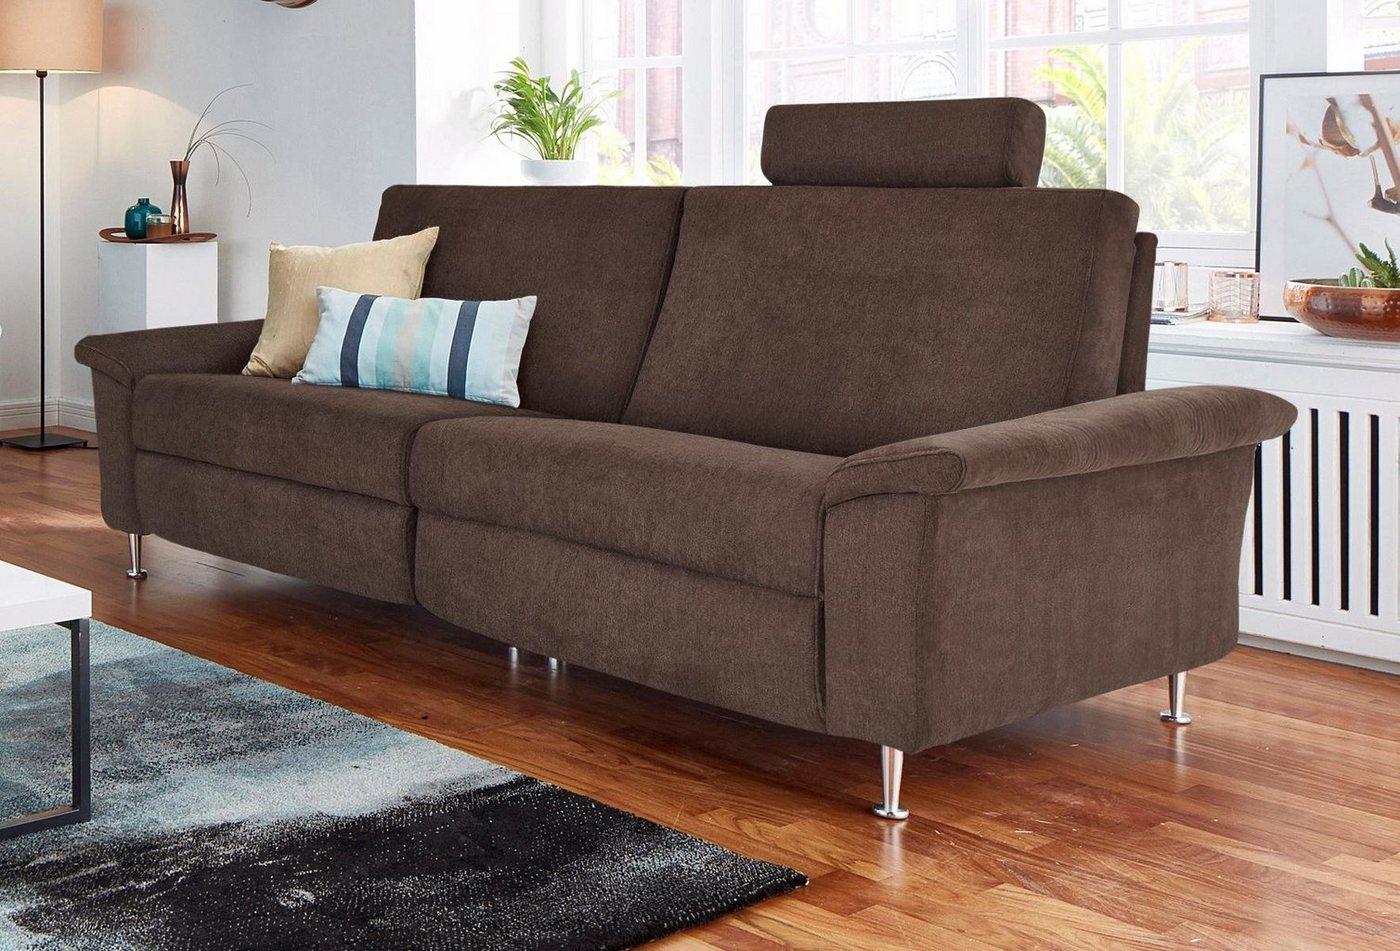 3 sitzer mit relaxfunktion preisvergleiche. Black Bedroom Furniture Sets. Home Design Ideas